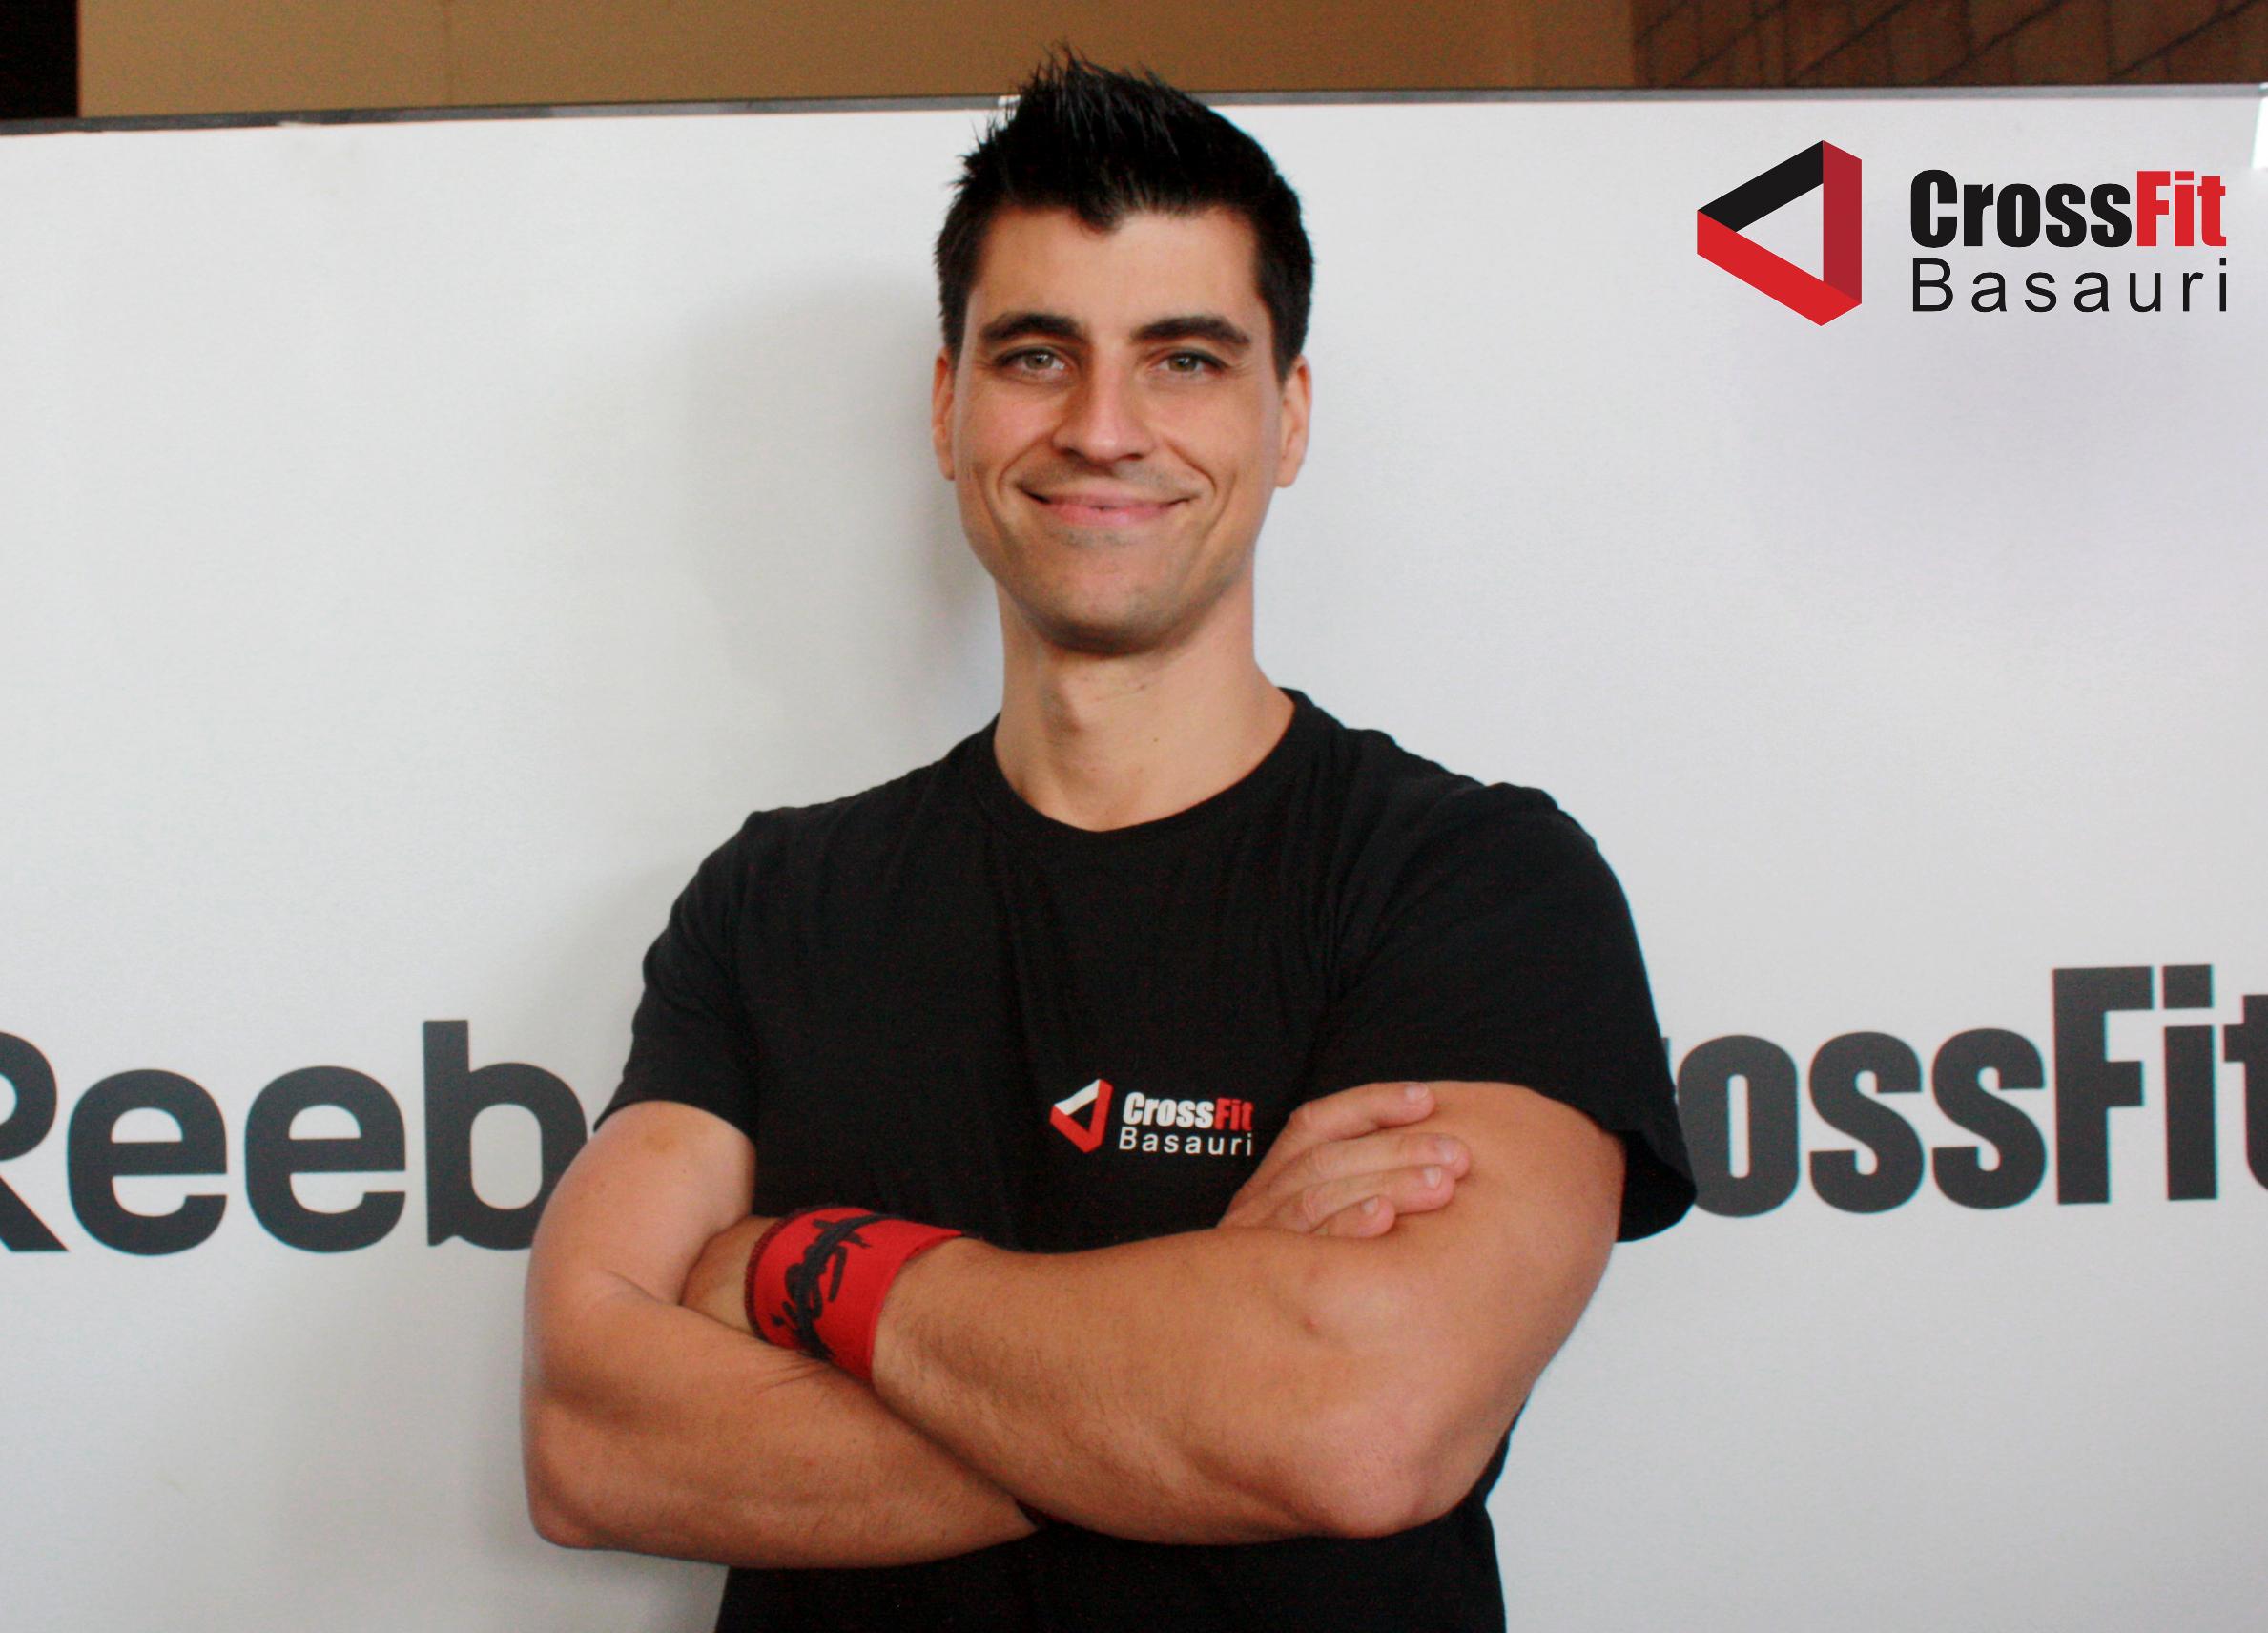 http://crossfitbasauri.com/entrenadores/alex-castro/